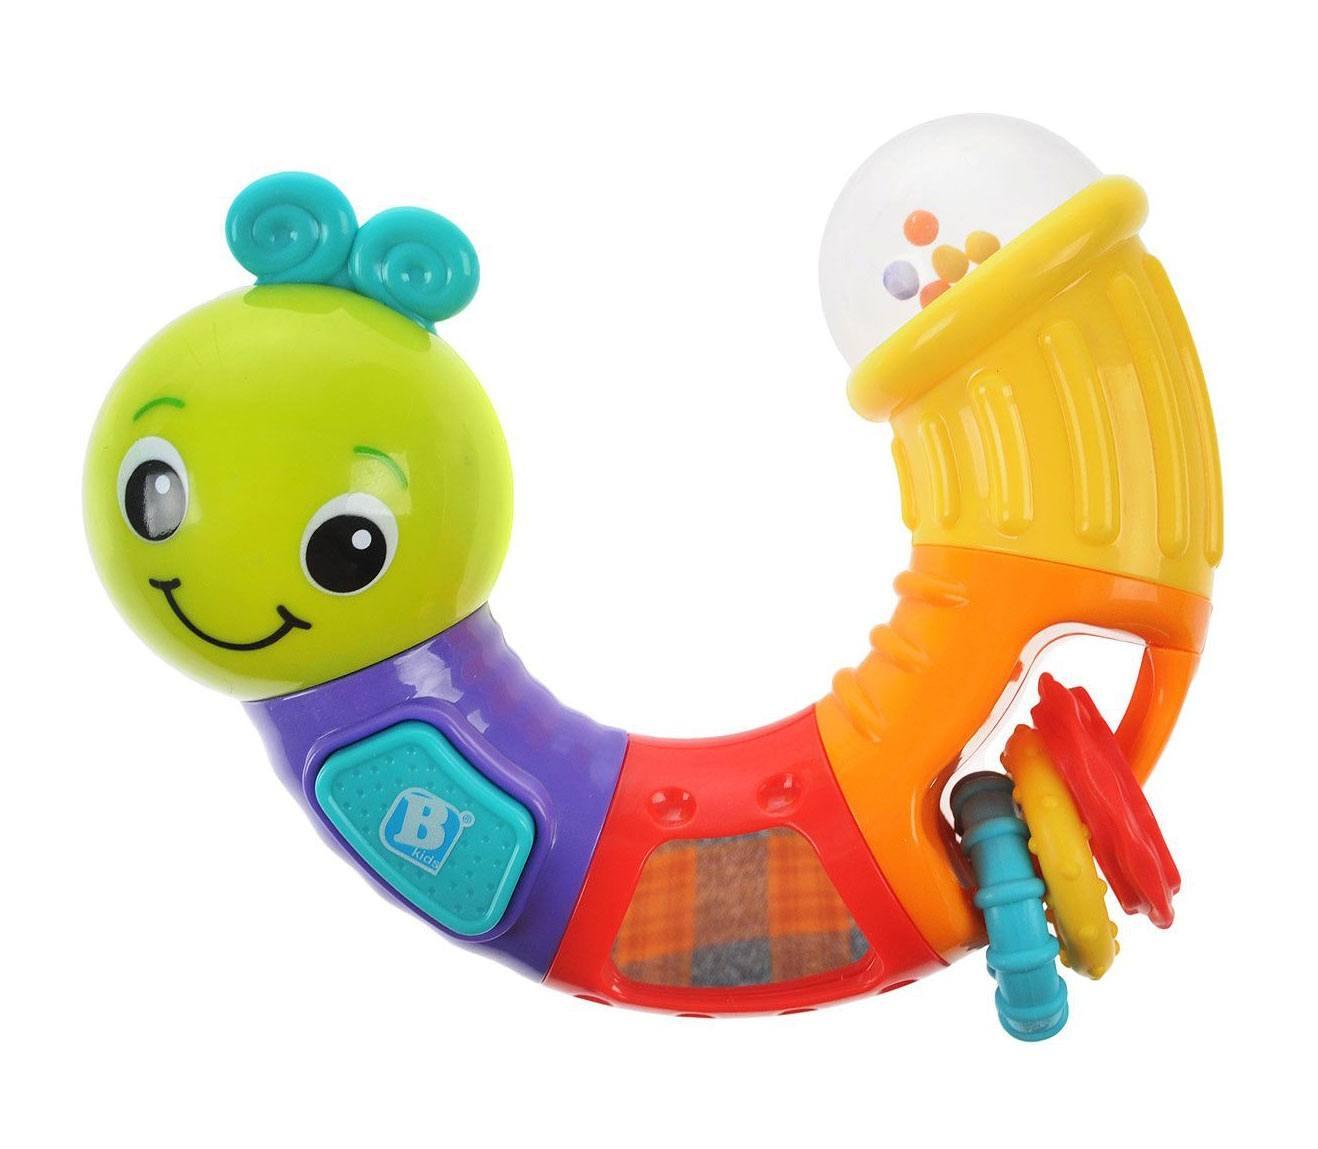 Купить Развивающие игрушки, Развивающая игрушка Bkids «Гусеница. Крути и играй», Китай, Новорожденный